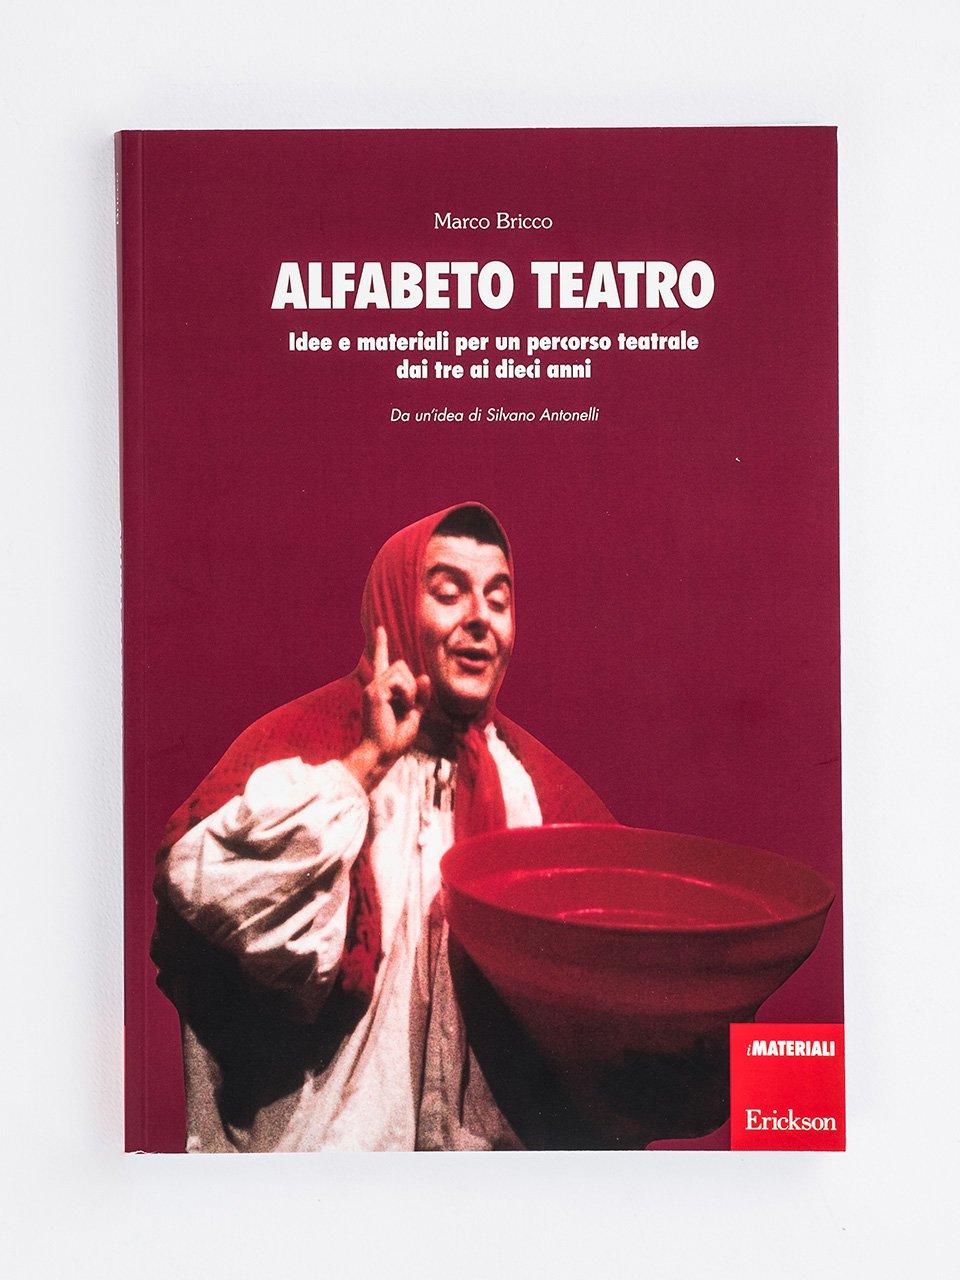 Alfabeto teatro - Apprendimento visibile, insegnamento efficace - Libri - Erickson